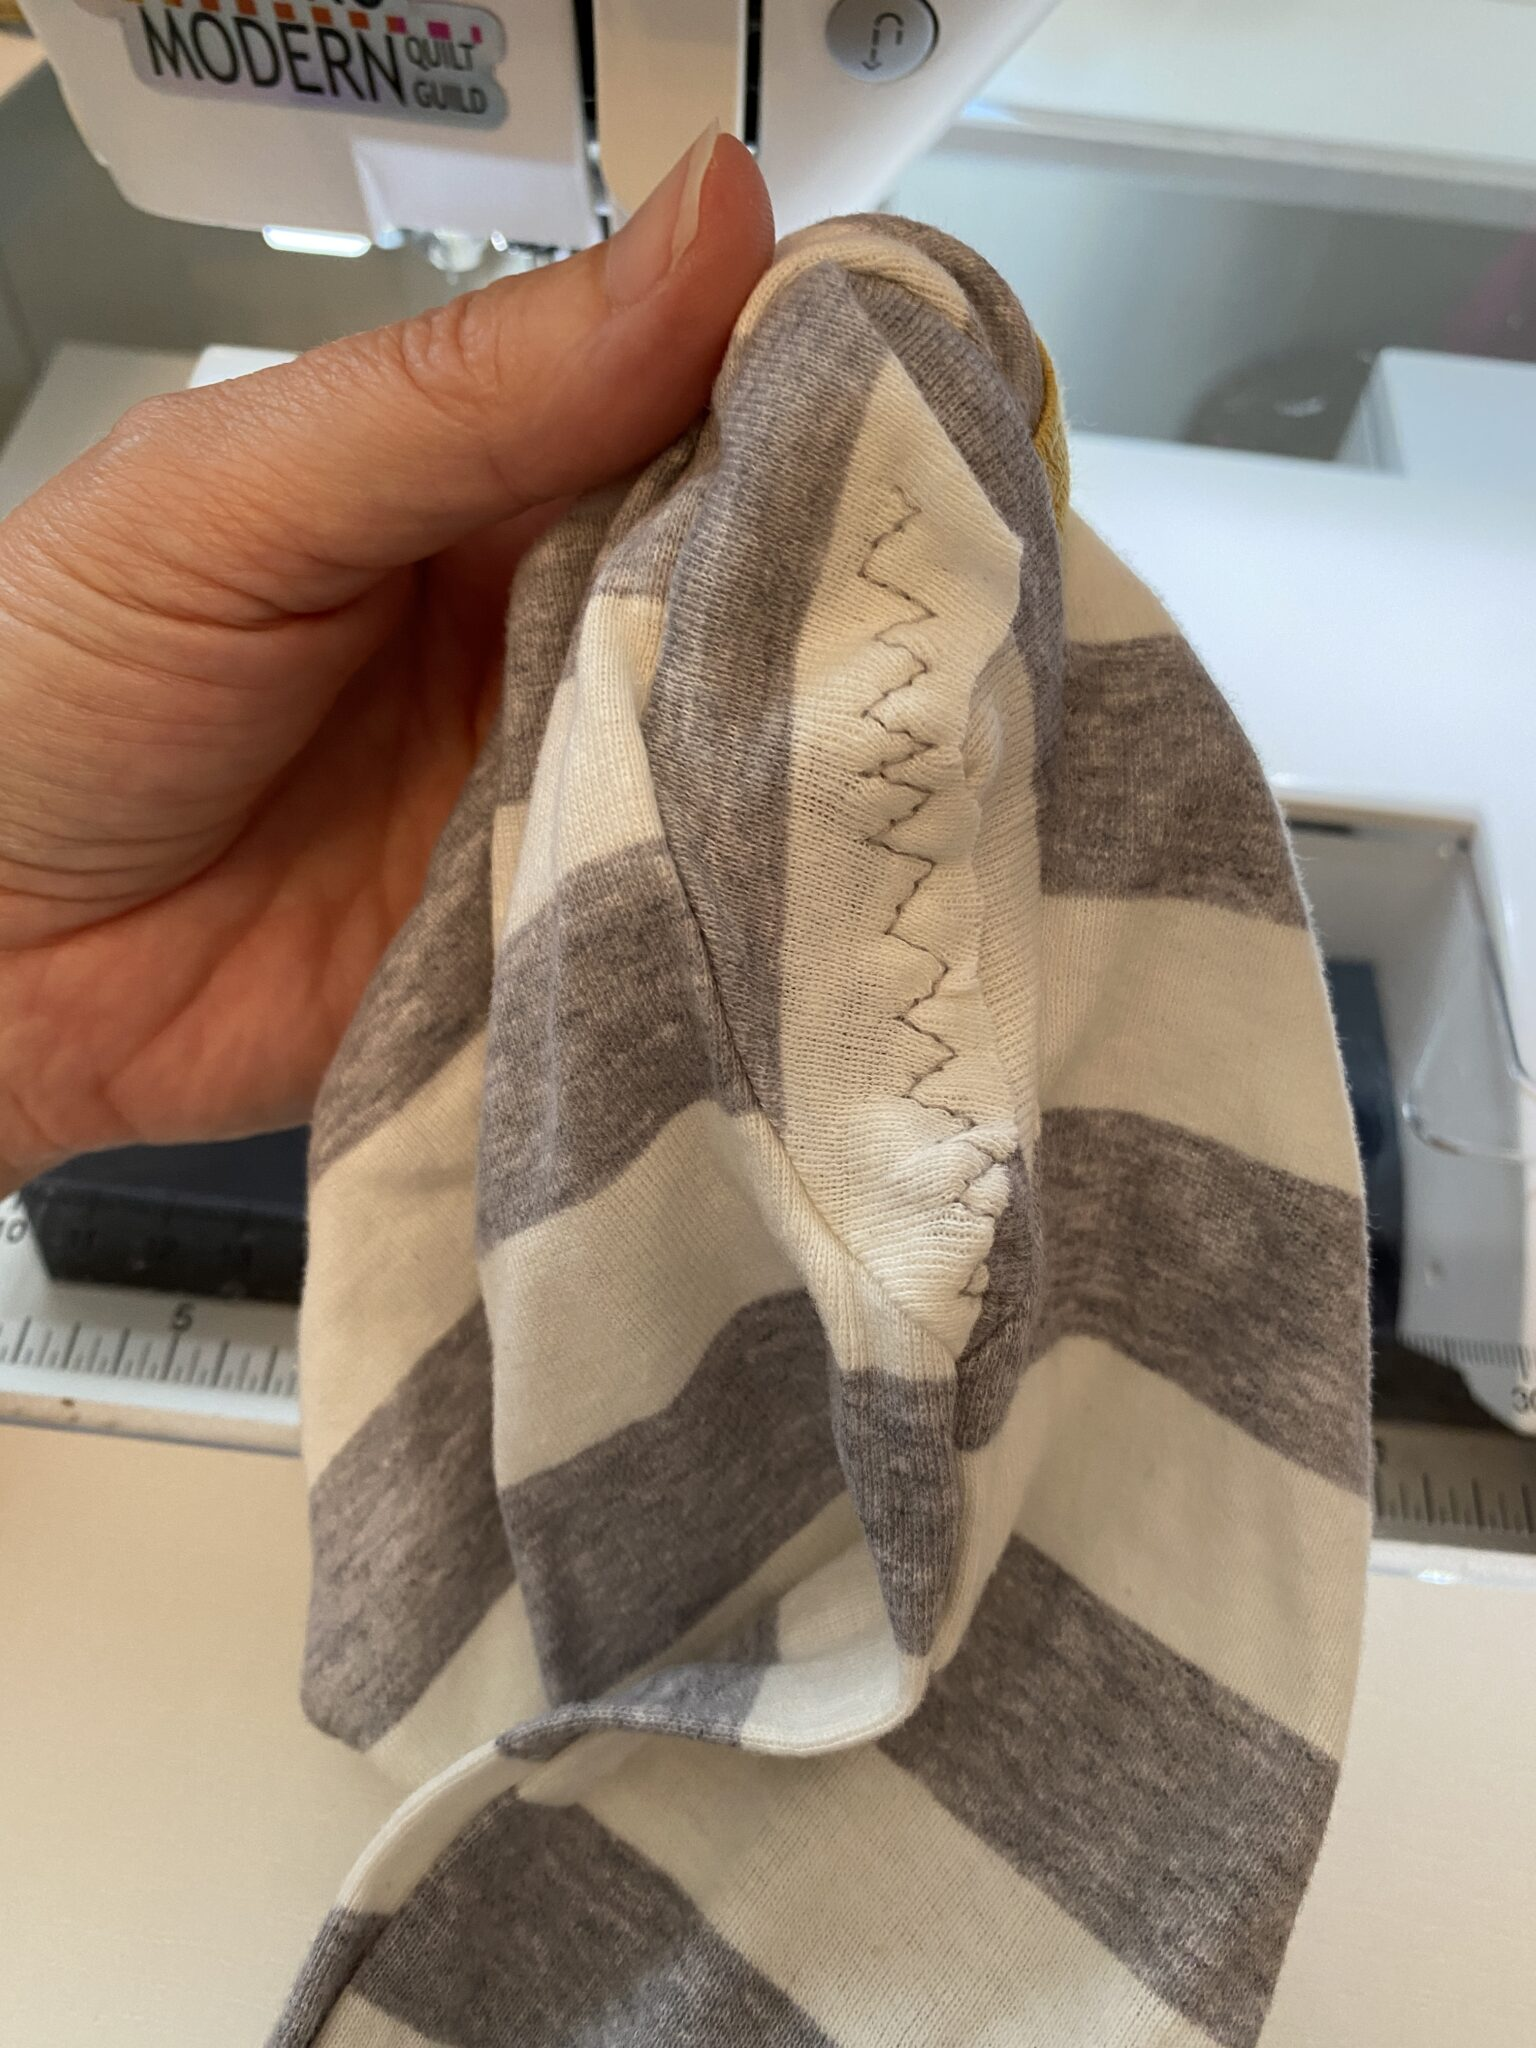 Flat seam on onesie